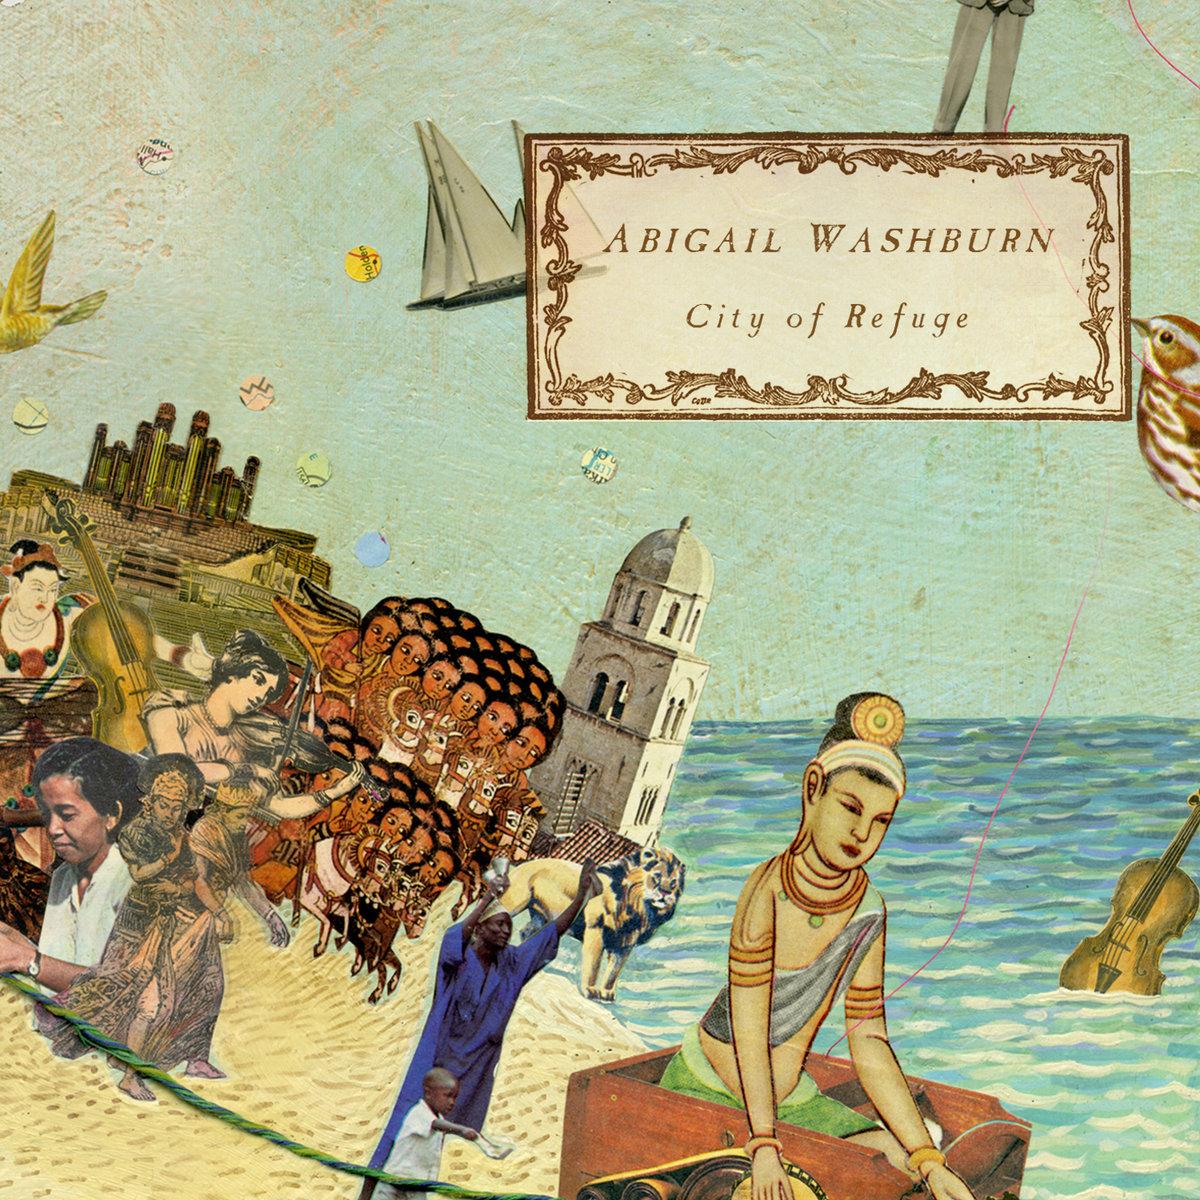 City of Refuge | Abigail Washburn